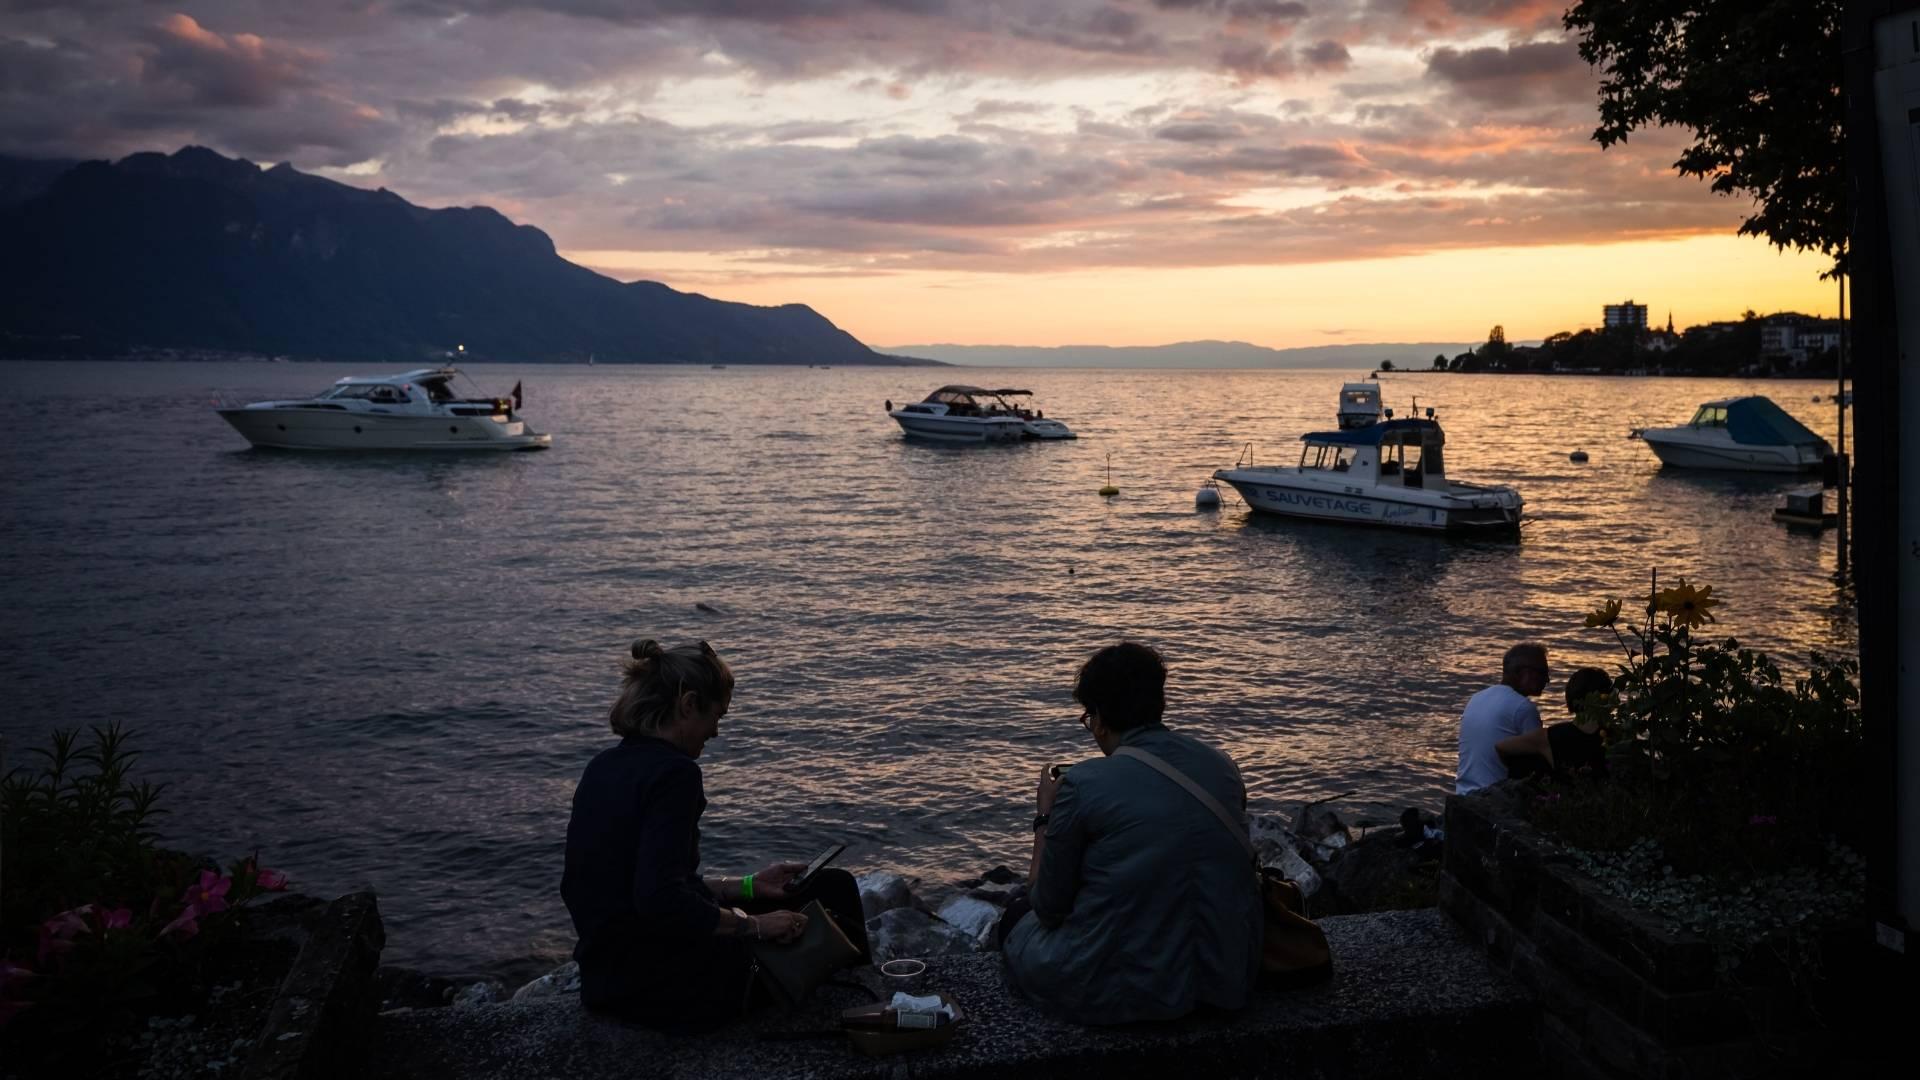 Sunset over Lac Léman